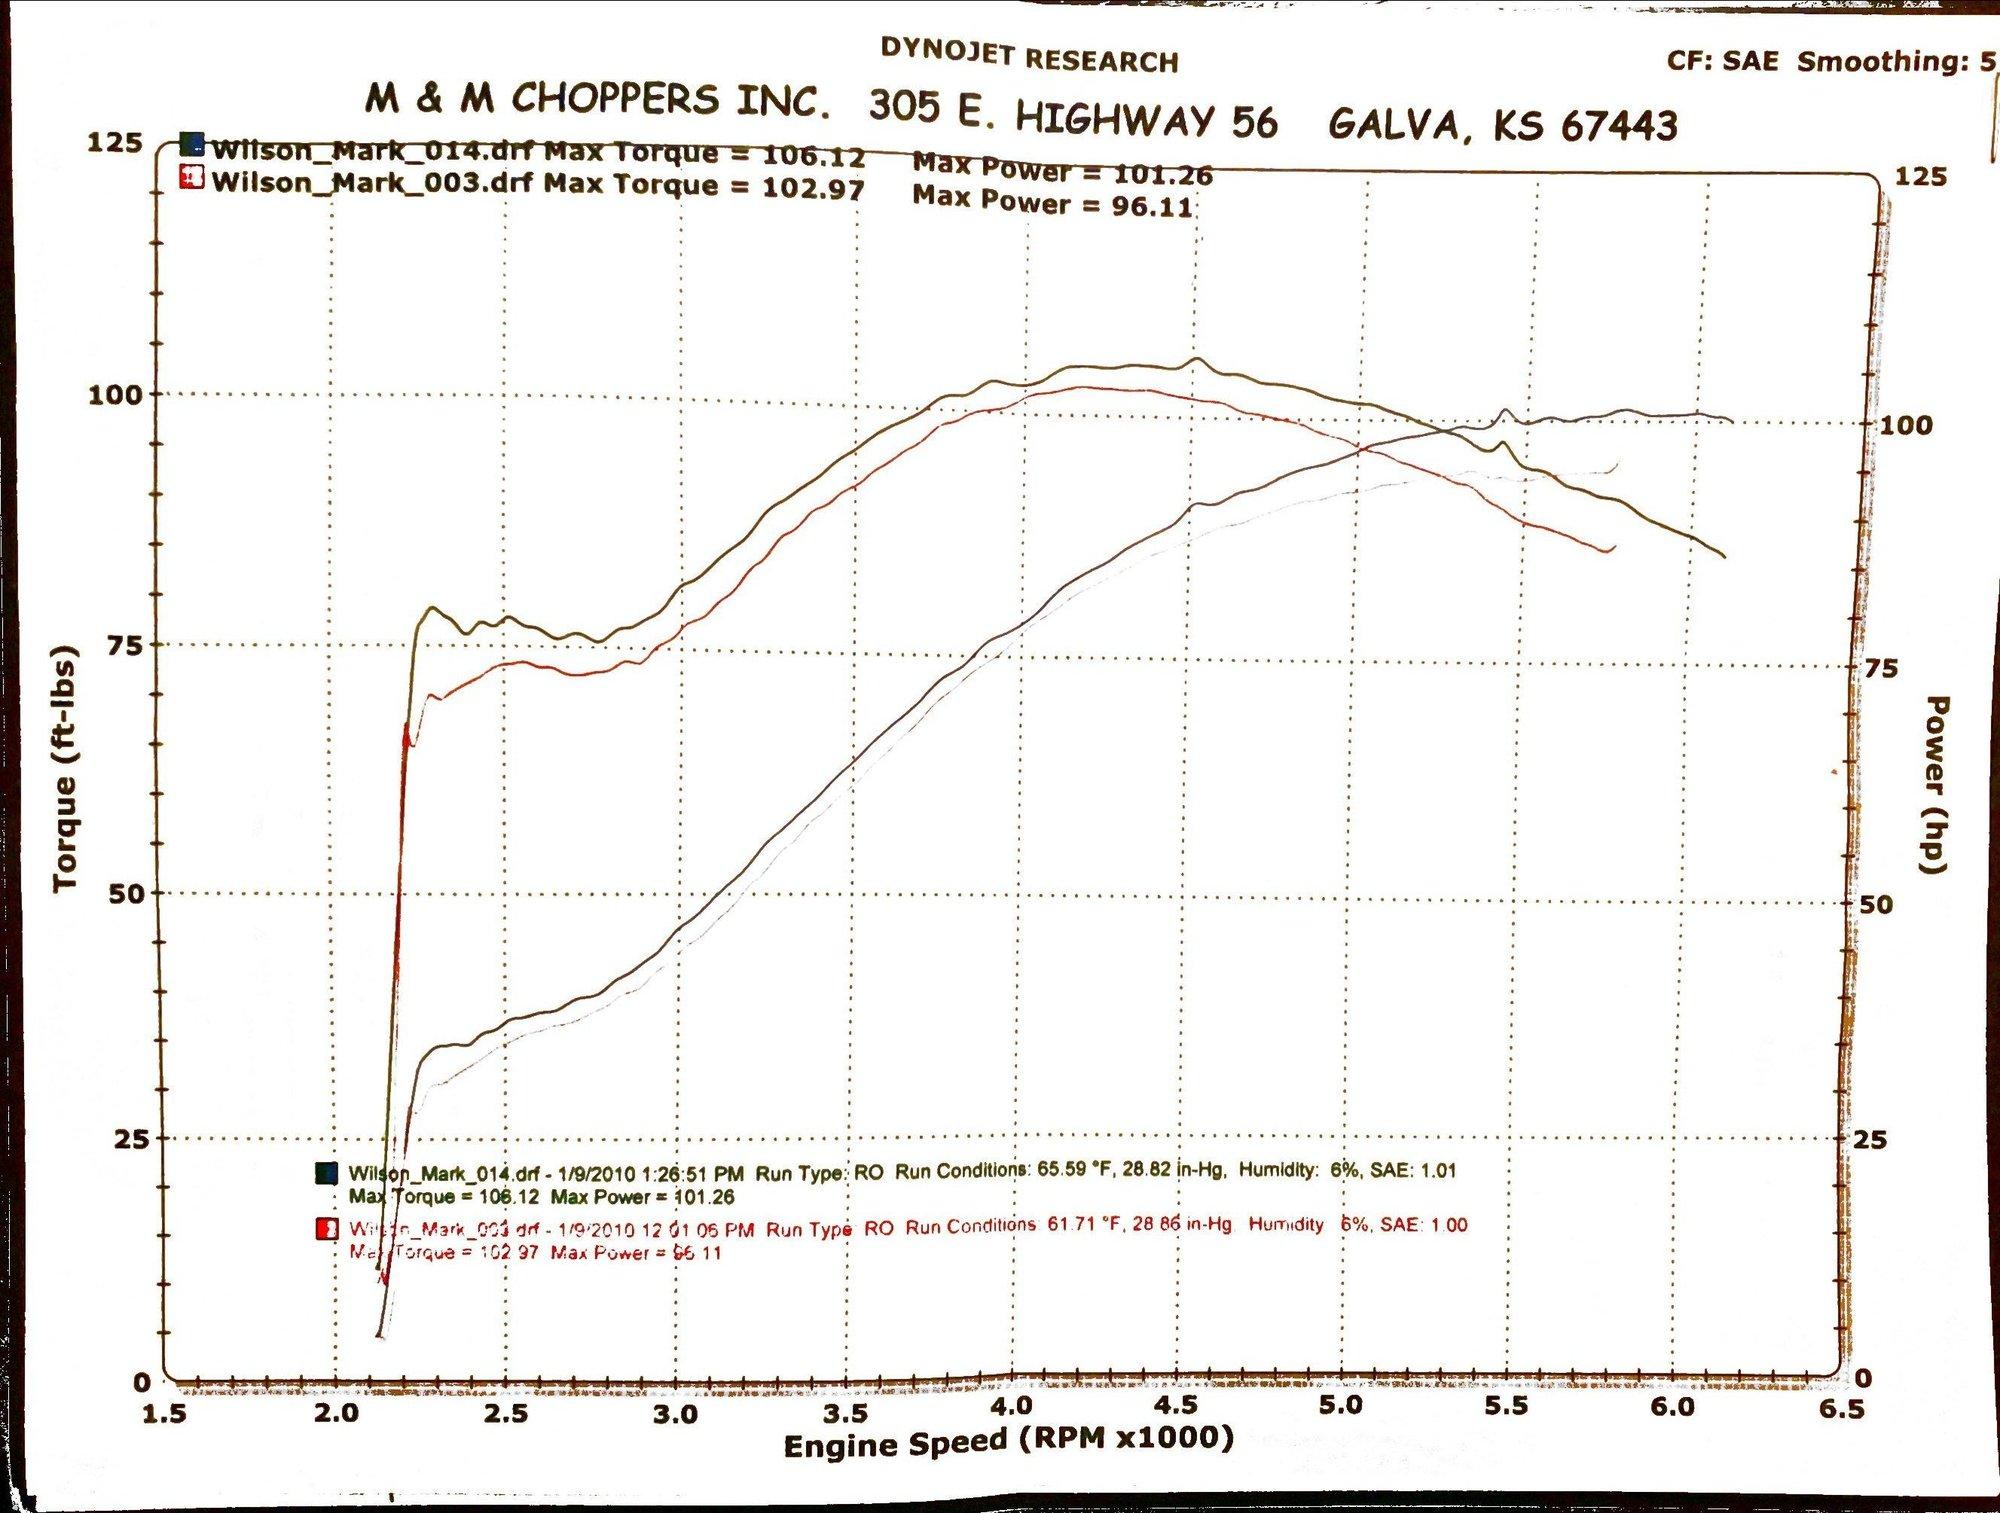 Bacon Dyna - Dyne Chart